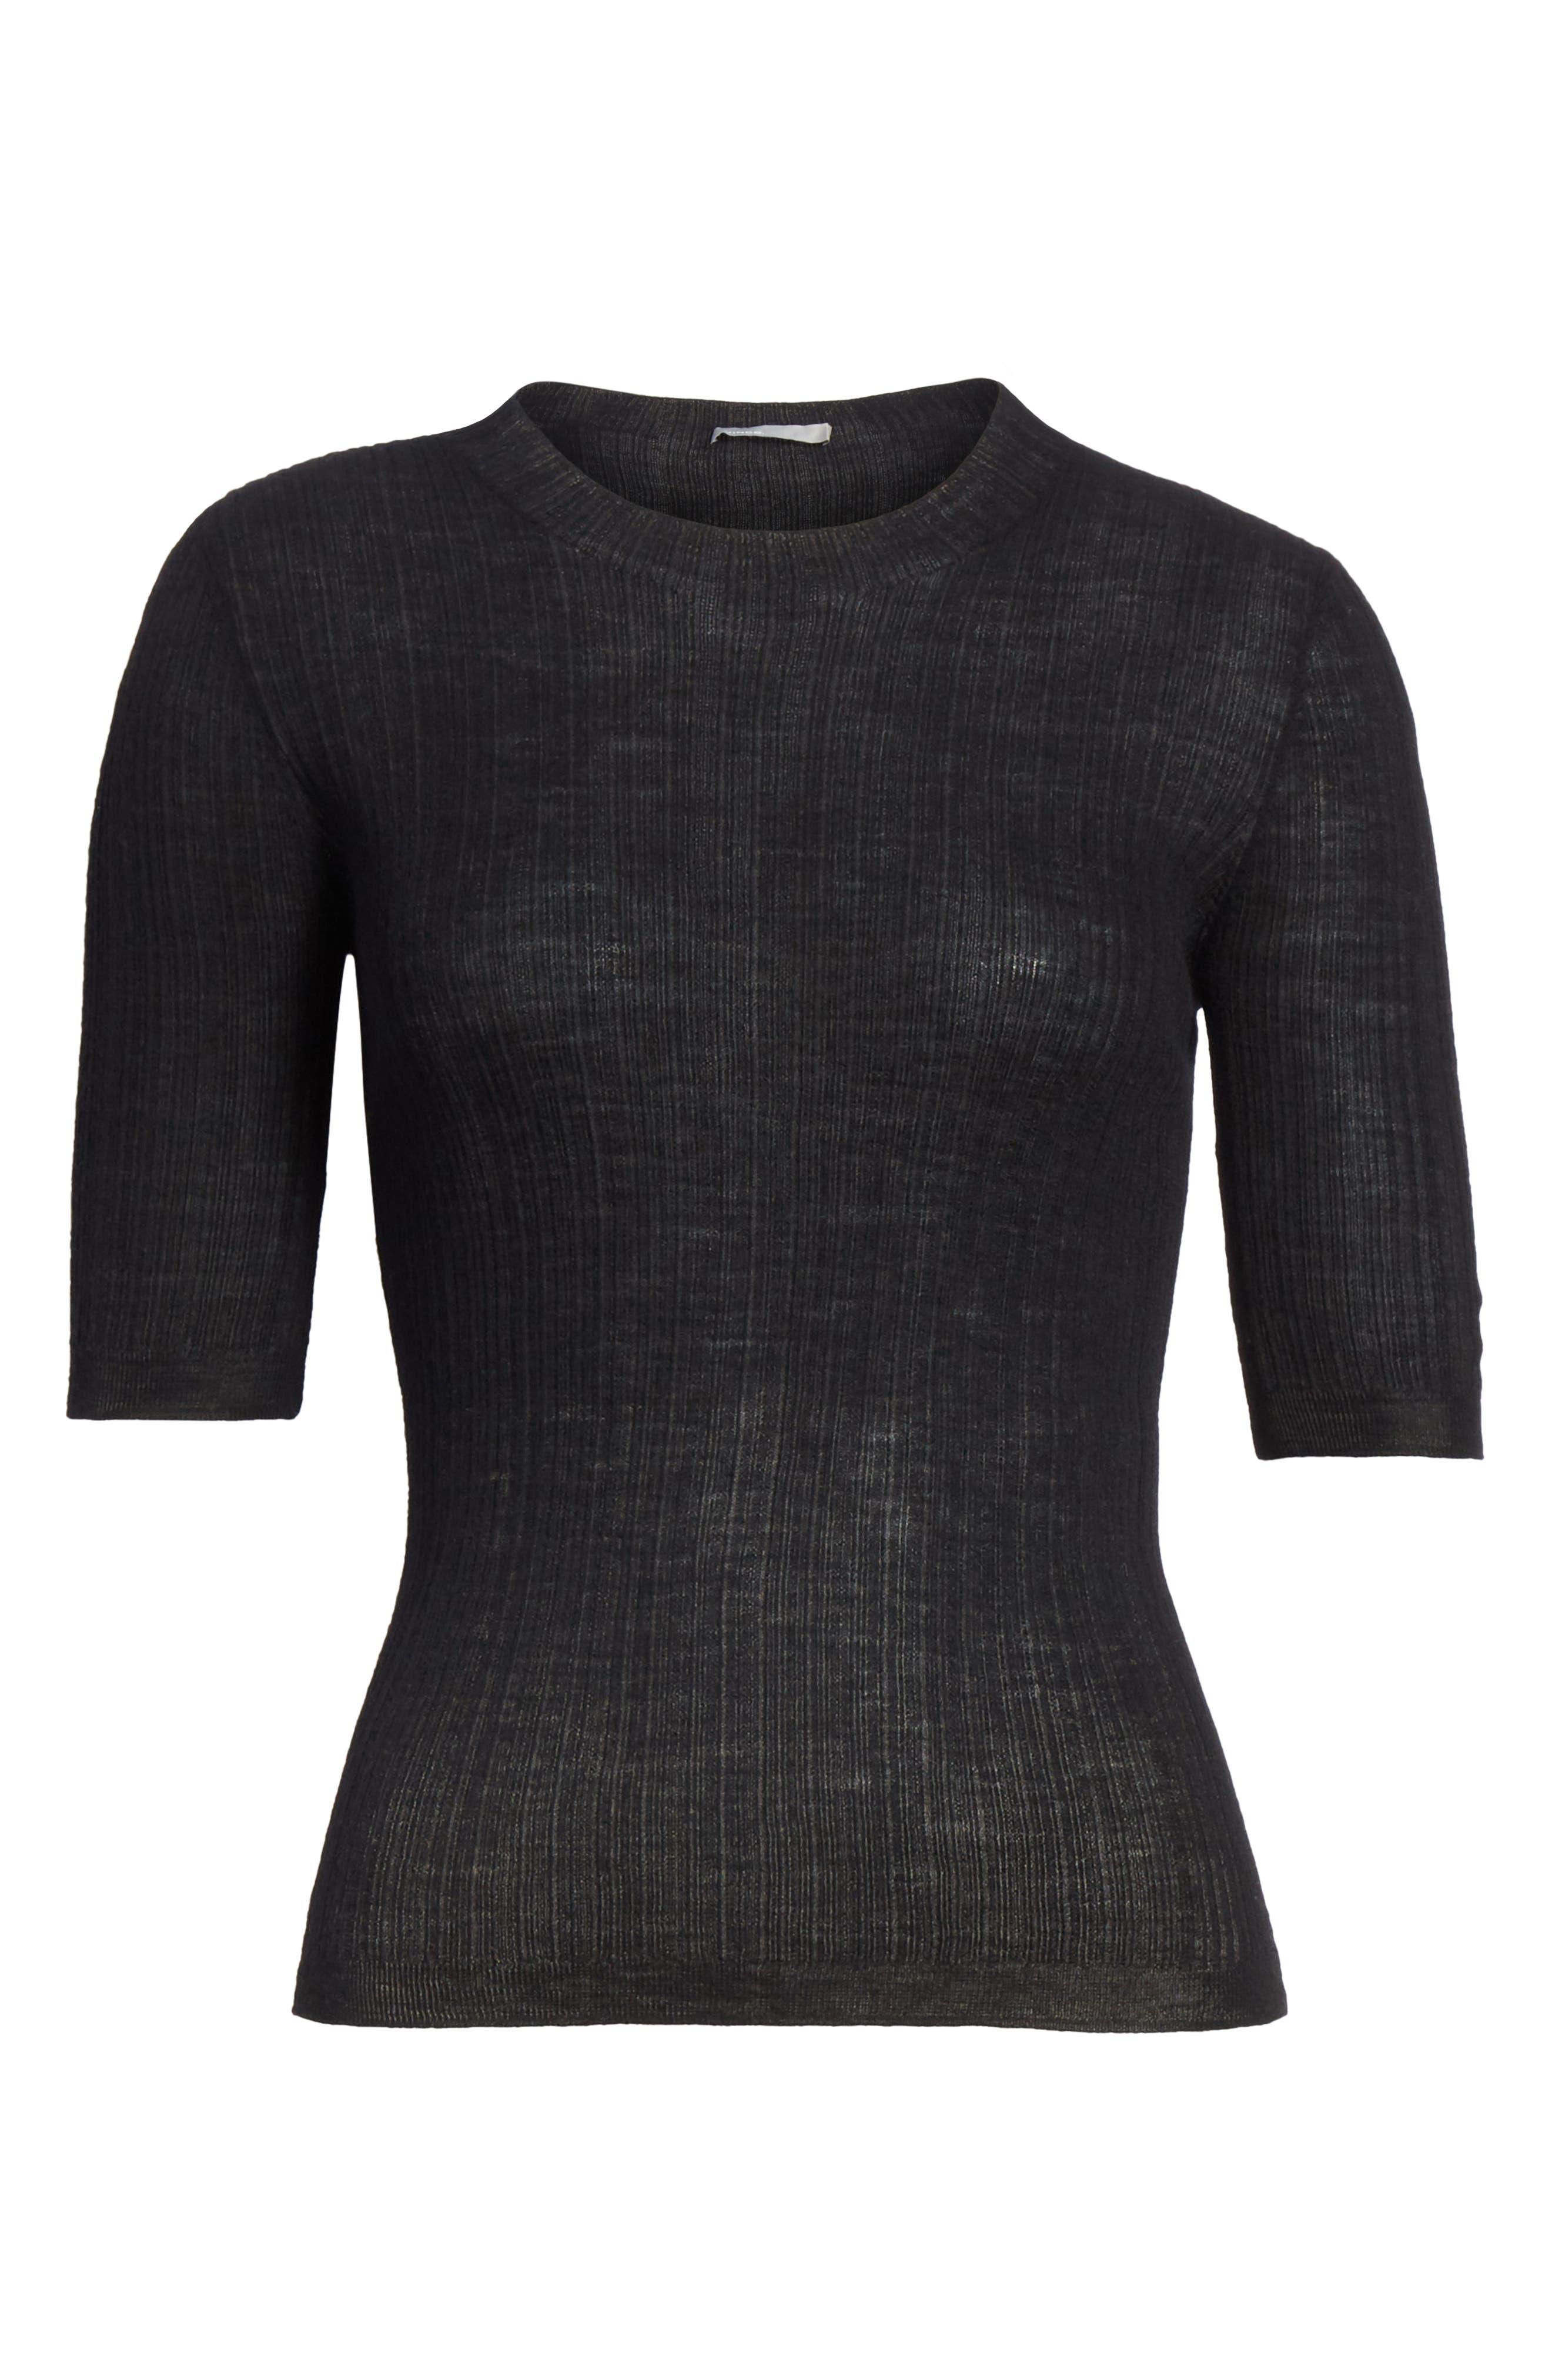 Shrunken Merino Wool Sweater,                             Alternate thumbnail 6, color,                             BLACK